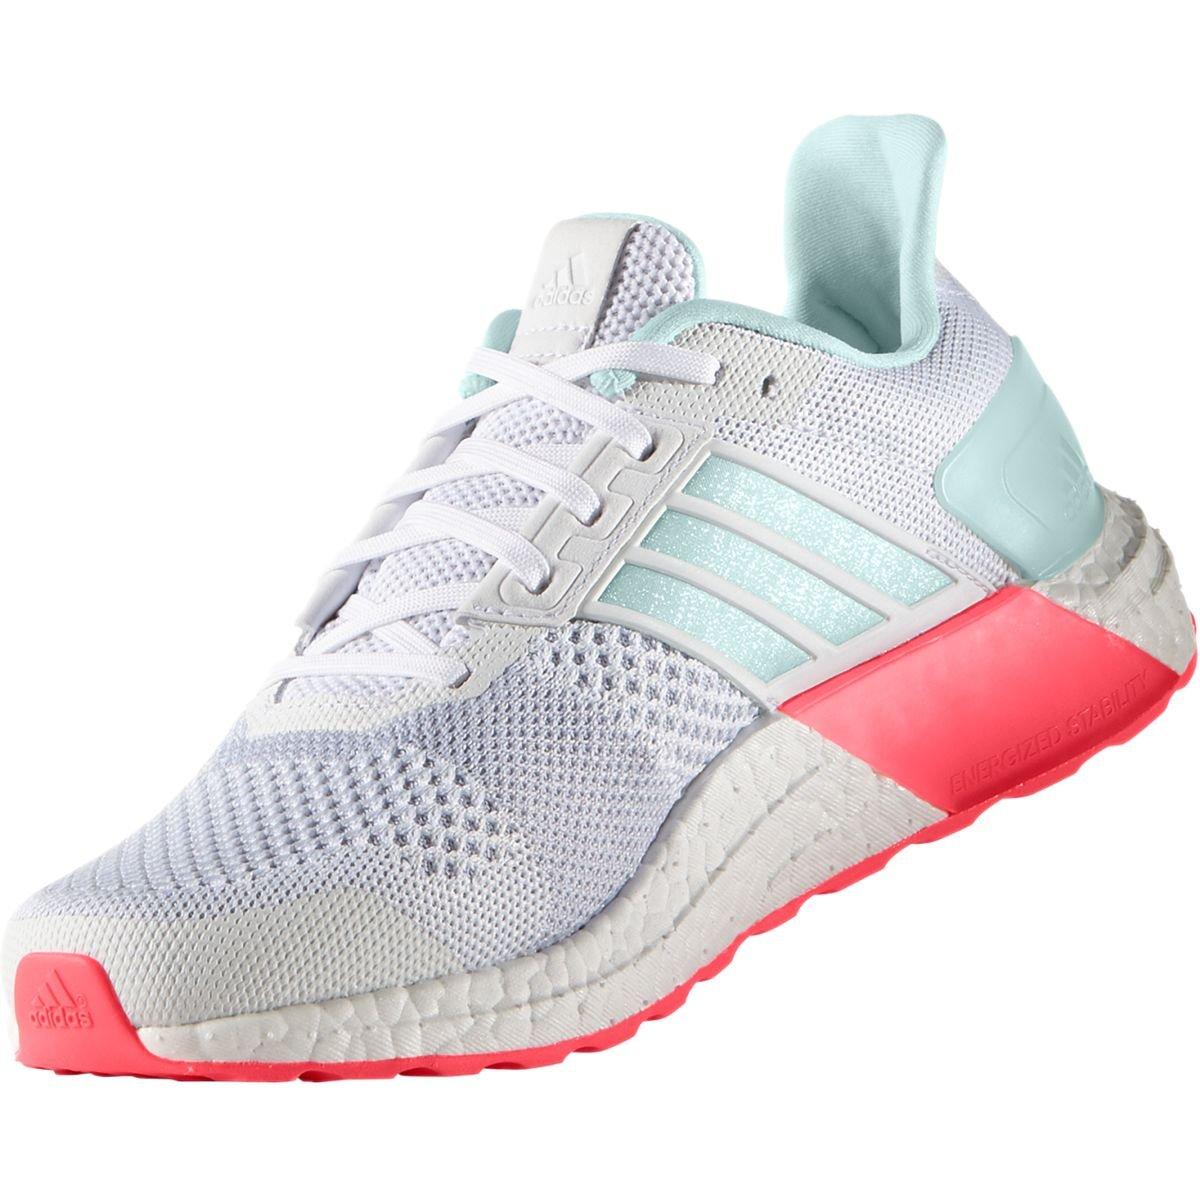 38cc81d906d23 Galleon - Adidas Women s Ultra Boost ST W Running Shoe